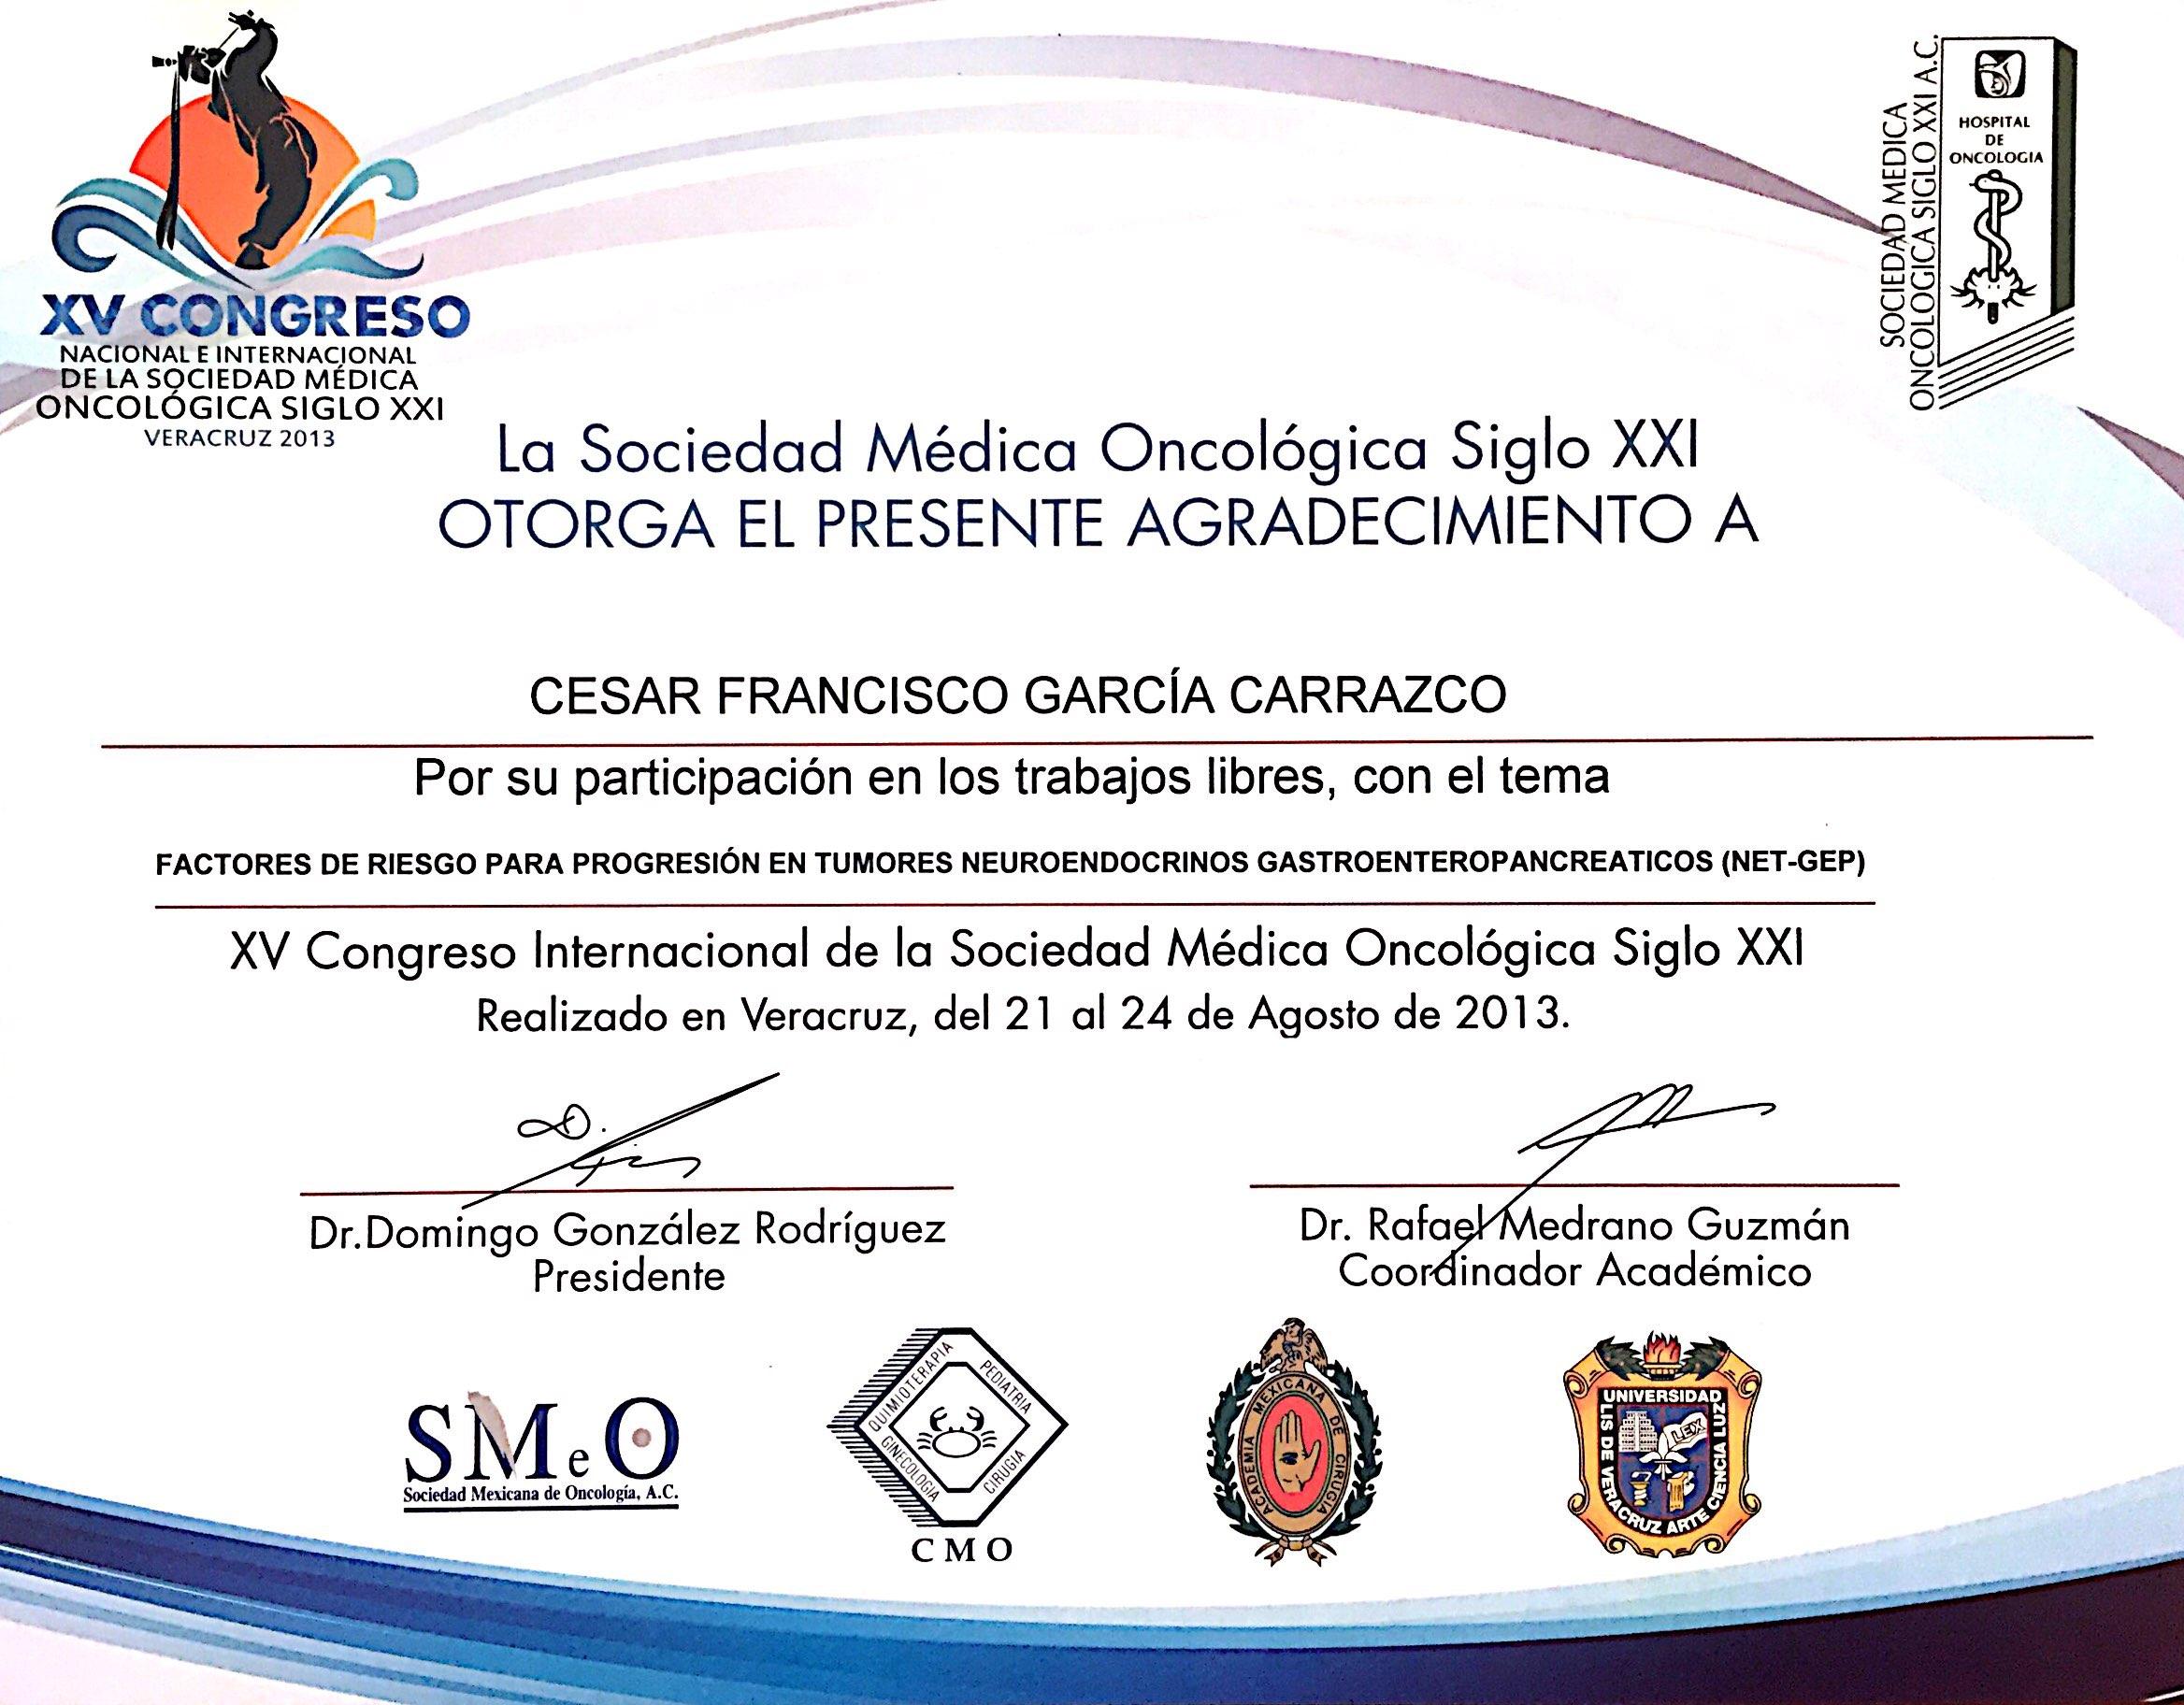 Dr. Garcia Carrazco_49